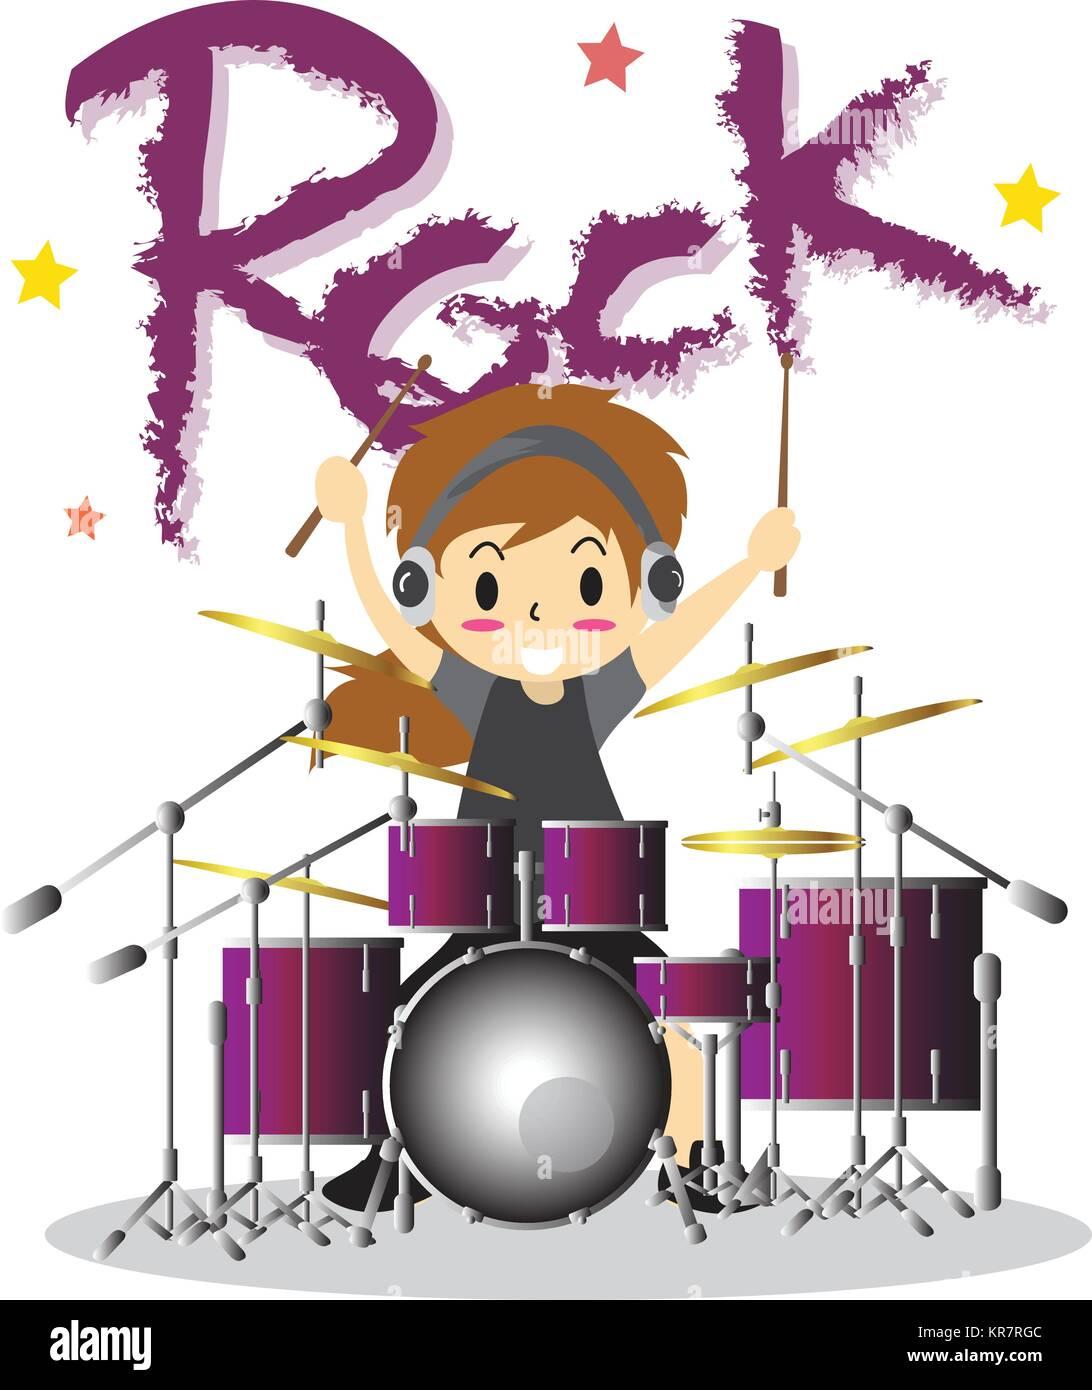 Junge Junge Spielt Schlagzeug Happy Liebe Musik Farbe Rock